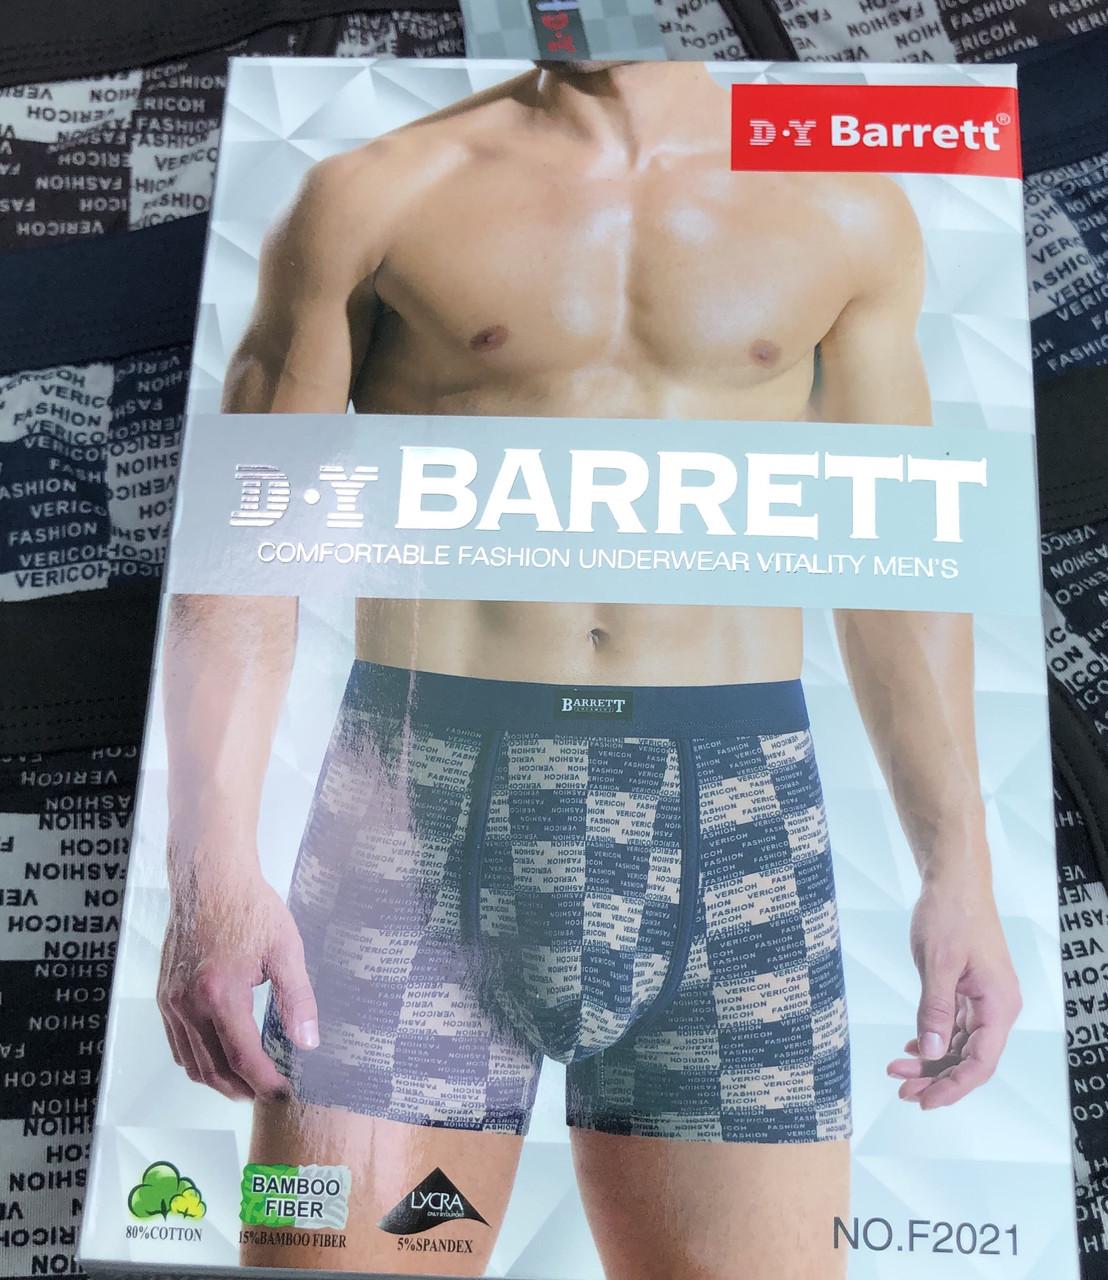 """Чоловічі Боксери масло Марка """"R. Y Barrett"""" Арт.2021"""